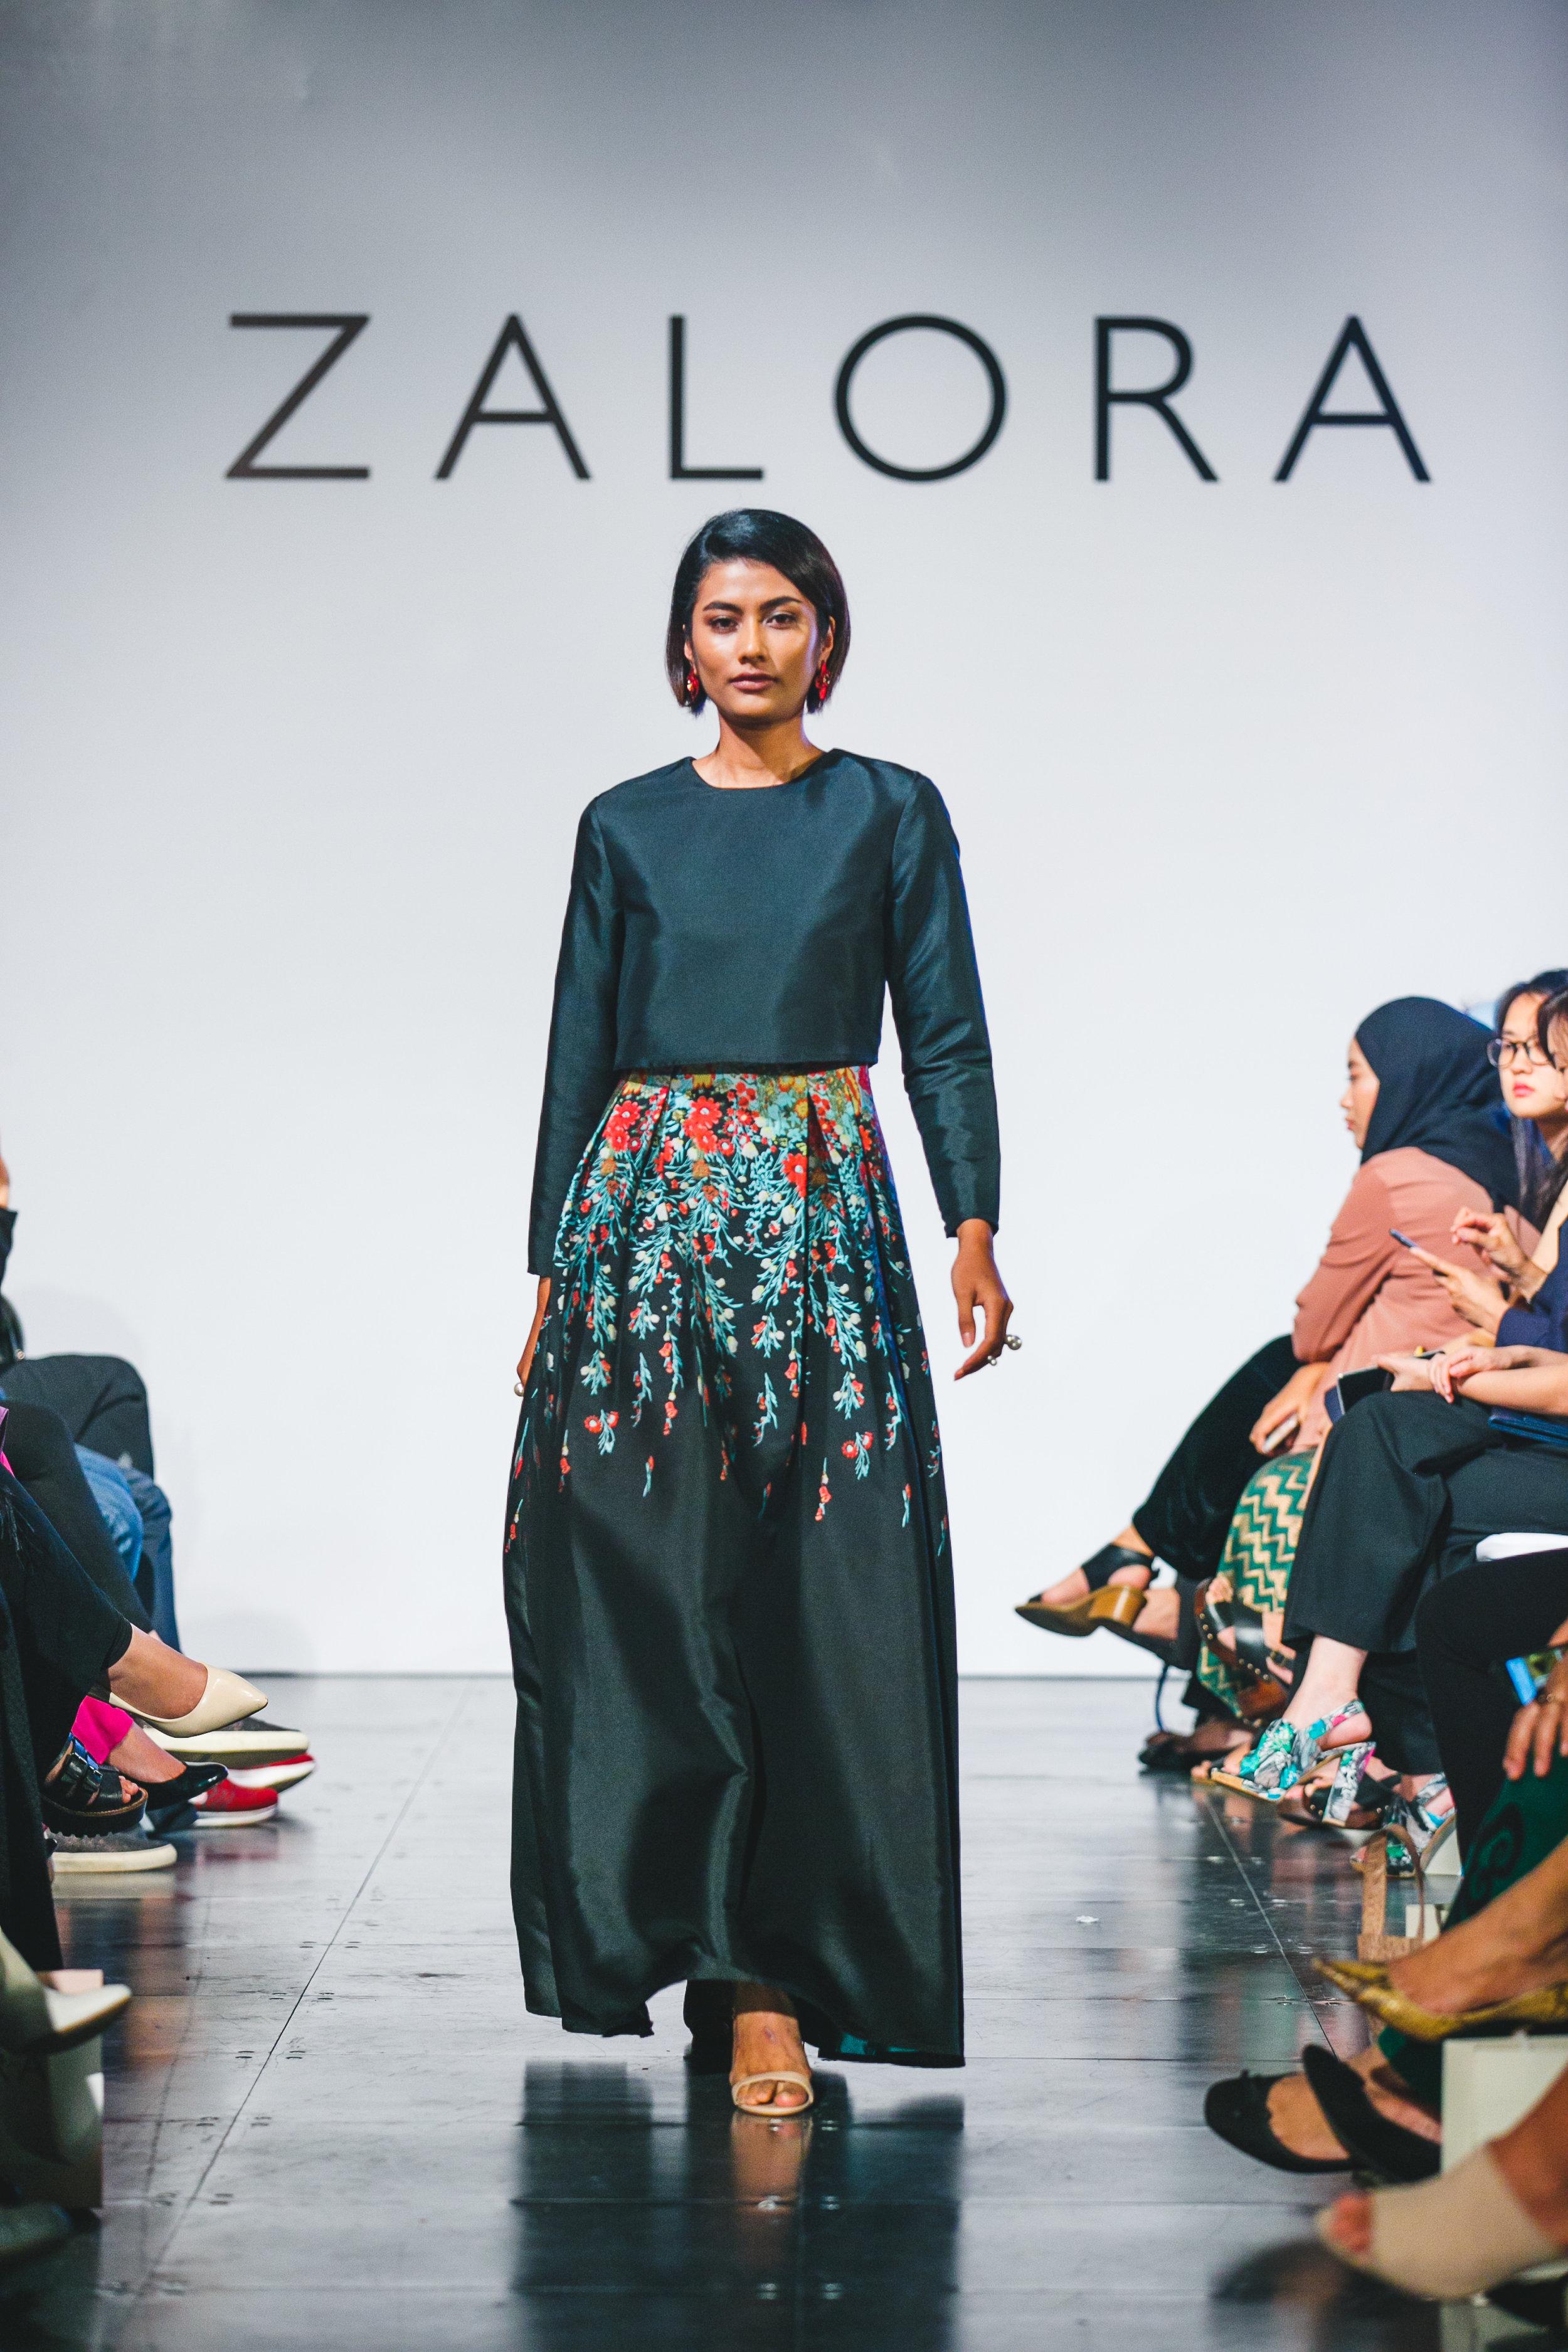 Zalora Raya 2018  - 0_039637 - Photo by Saufi Nadzri.jpg